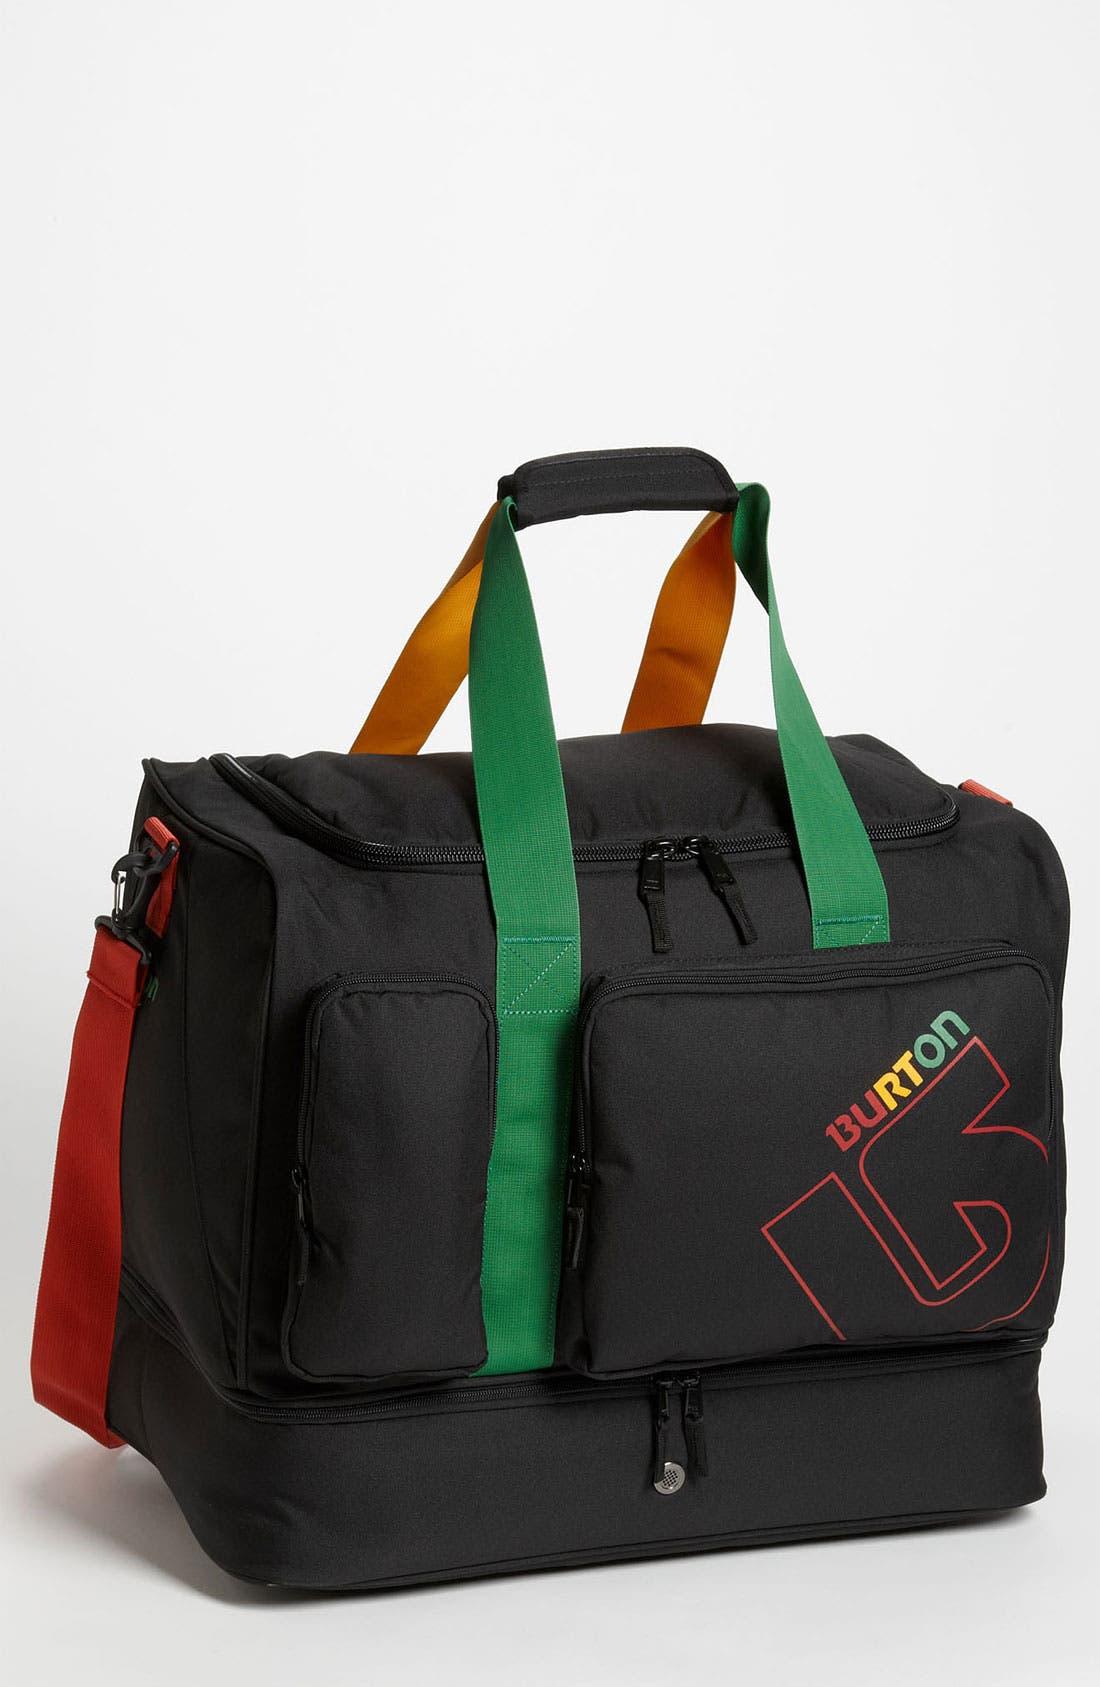 Main Image - Burton 'Riders' Duffel Bag